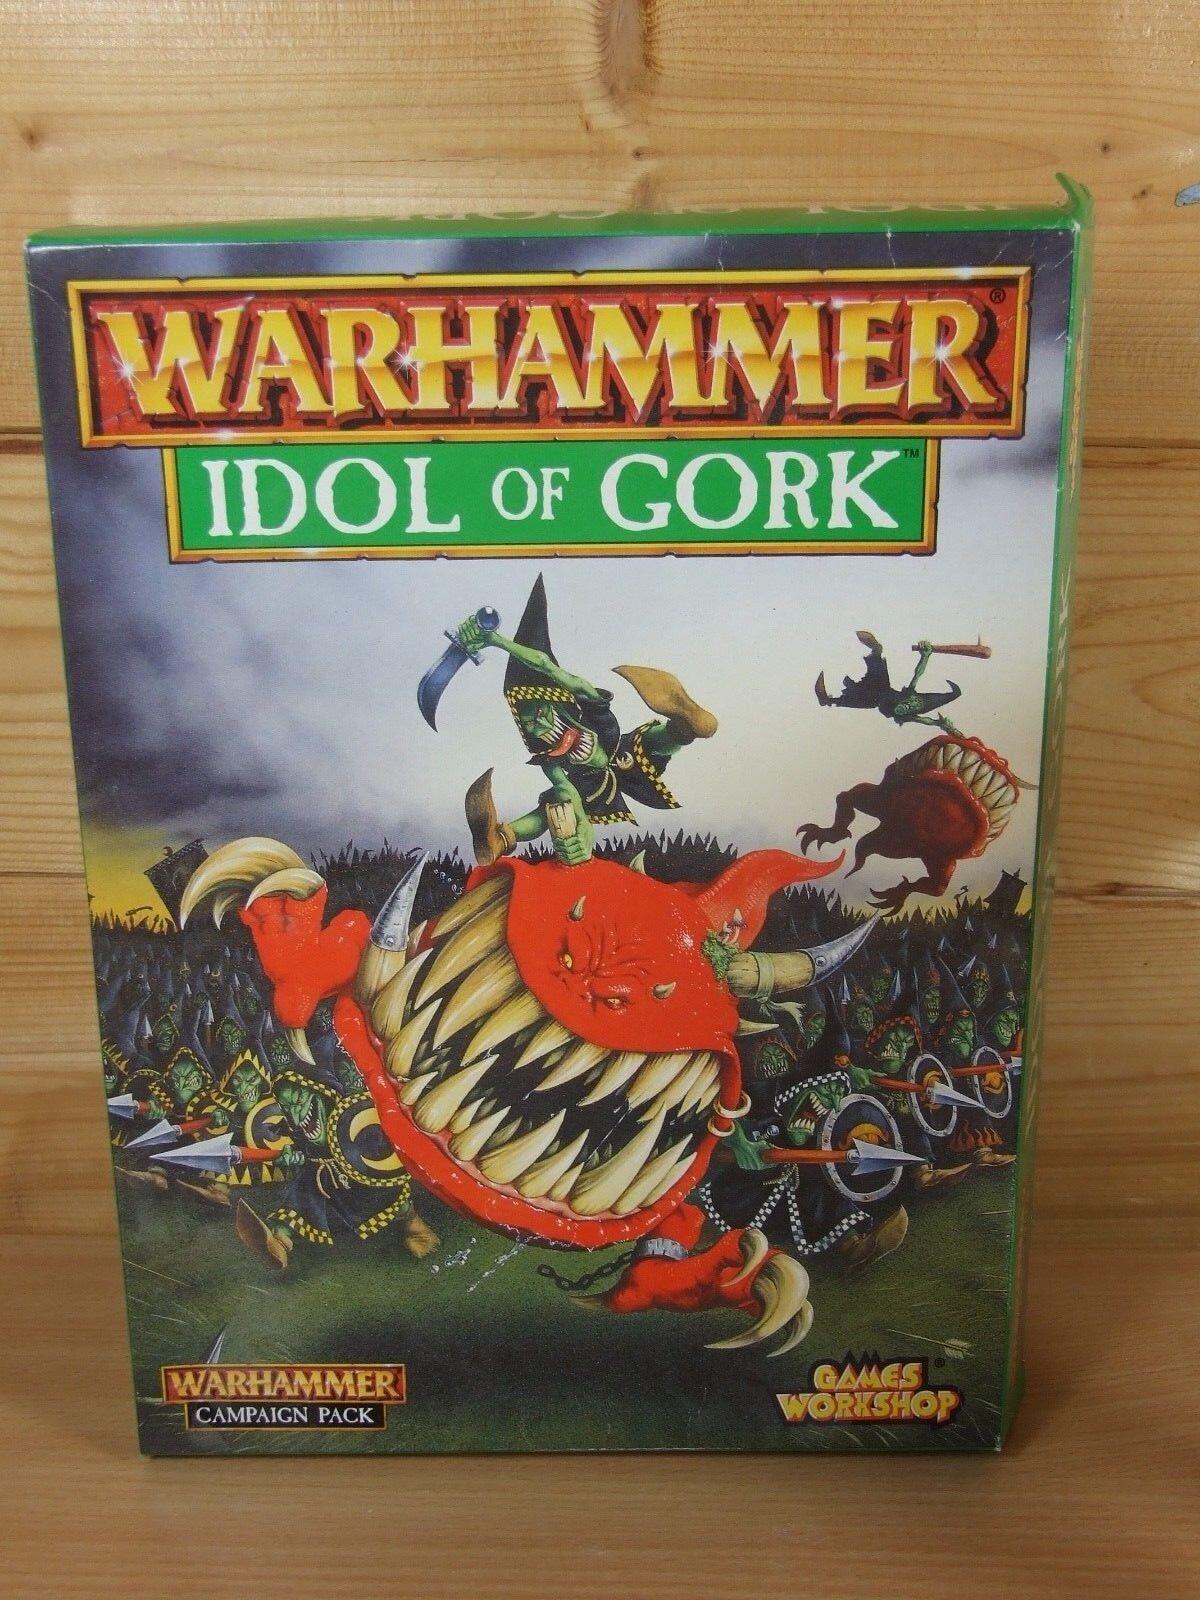 grande sconto 90% COMPLETO WARHAMMER WARHAMMER WARHAMMER IDOLO DI gorK set venduto come si vede  la migliore offerta del negozio online